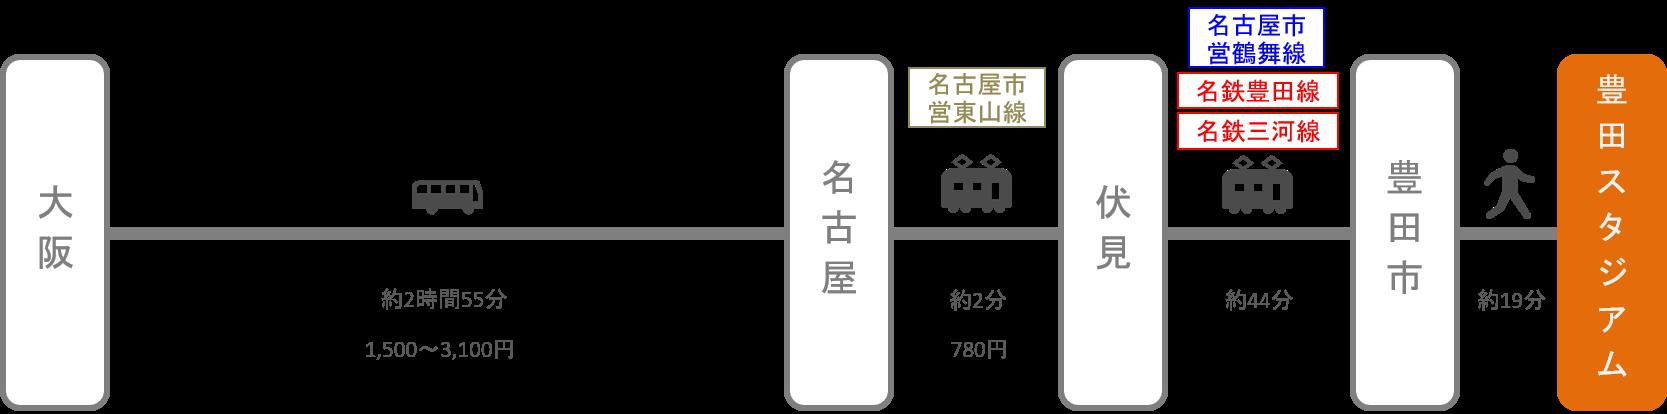 豊田スタジアム_大阪_高速バス